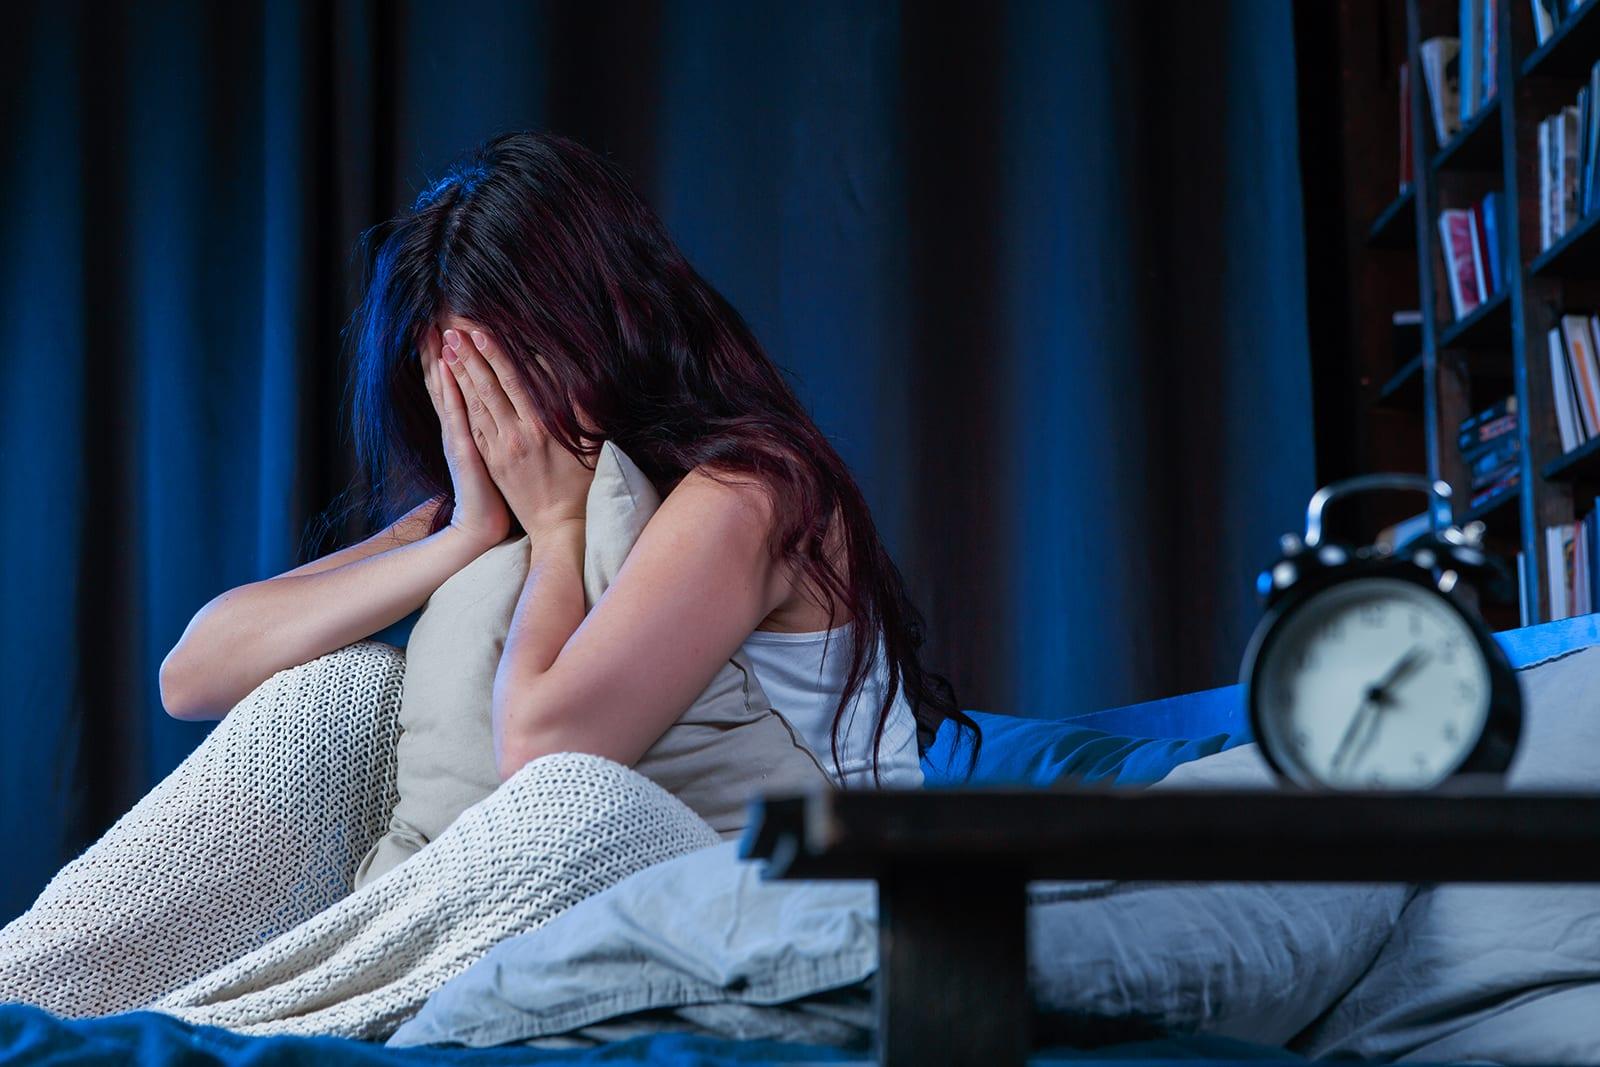 النساء يعانين من الأرق أكثر من الرجال..8 خطوات للنوم الصحي